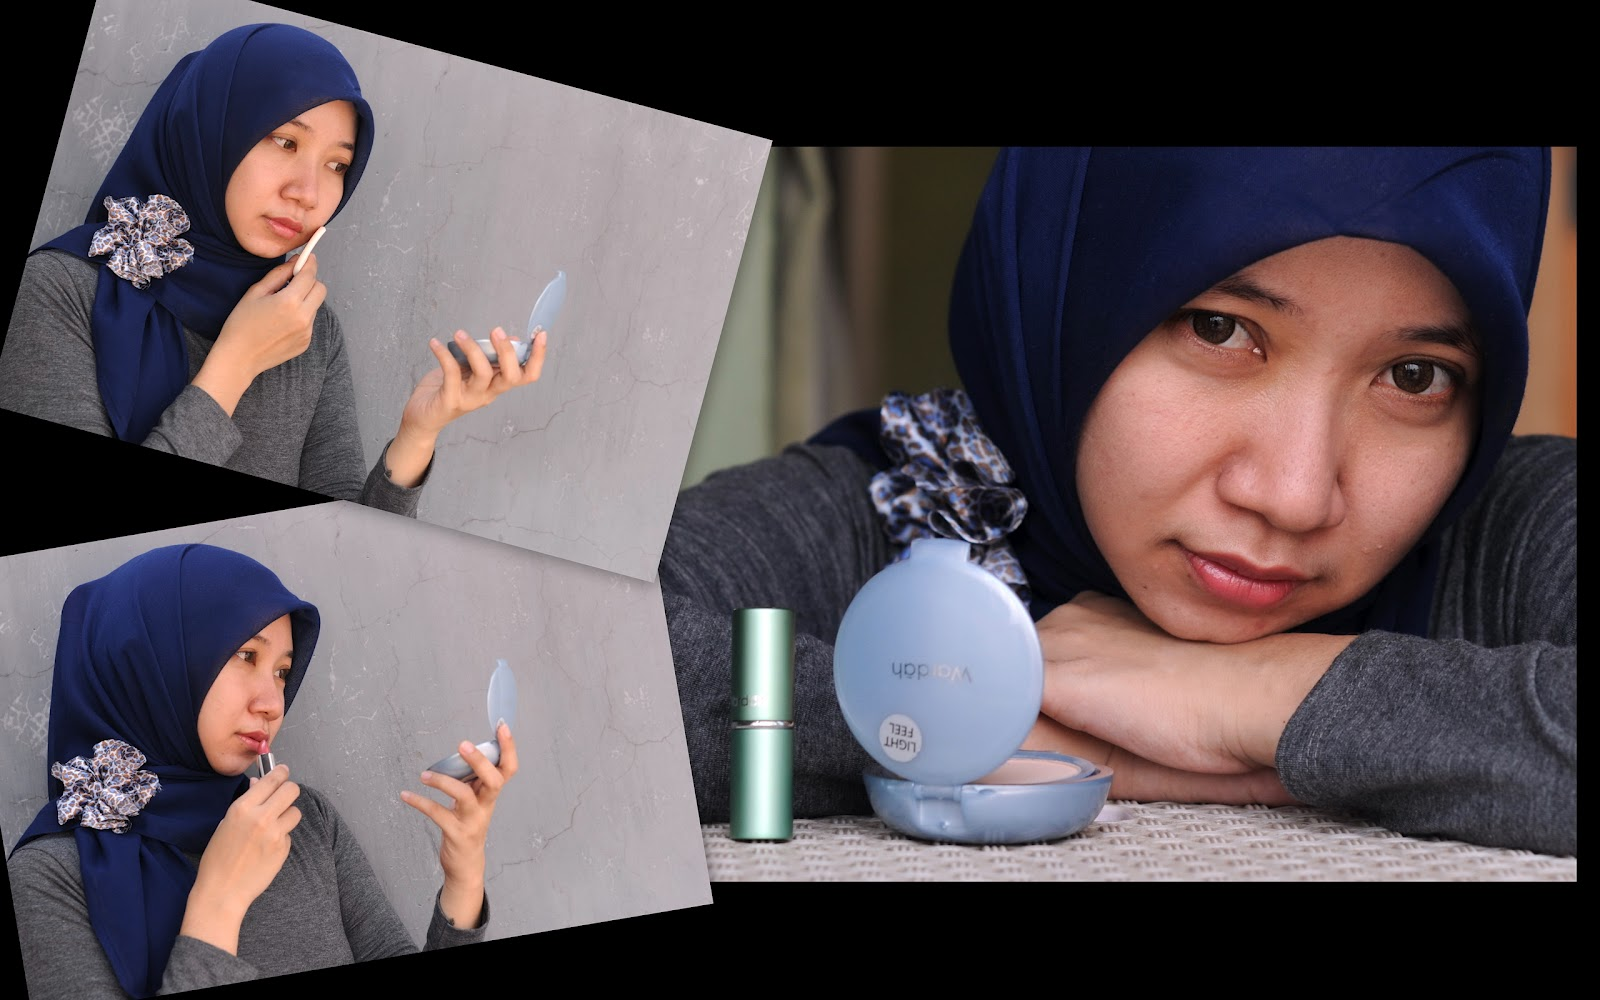 wardah indonesian phenomenal halal cosm Wardah, brand kosmetik indonesia di bawah pt paragon technology innovation yang sudah berusia 23 tahun ini bisa dibilang sebagai brand kosmetik lokal terdepan di indonesia member of kumpulan emak2 blogger member of indonesian female bloggers.